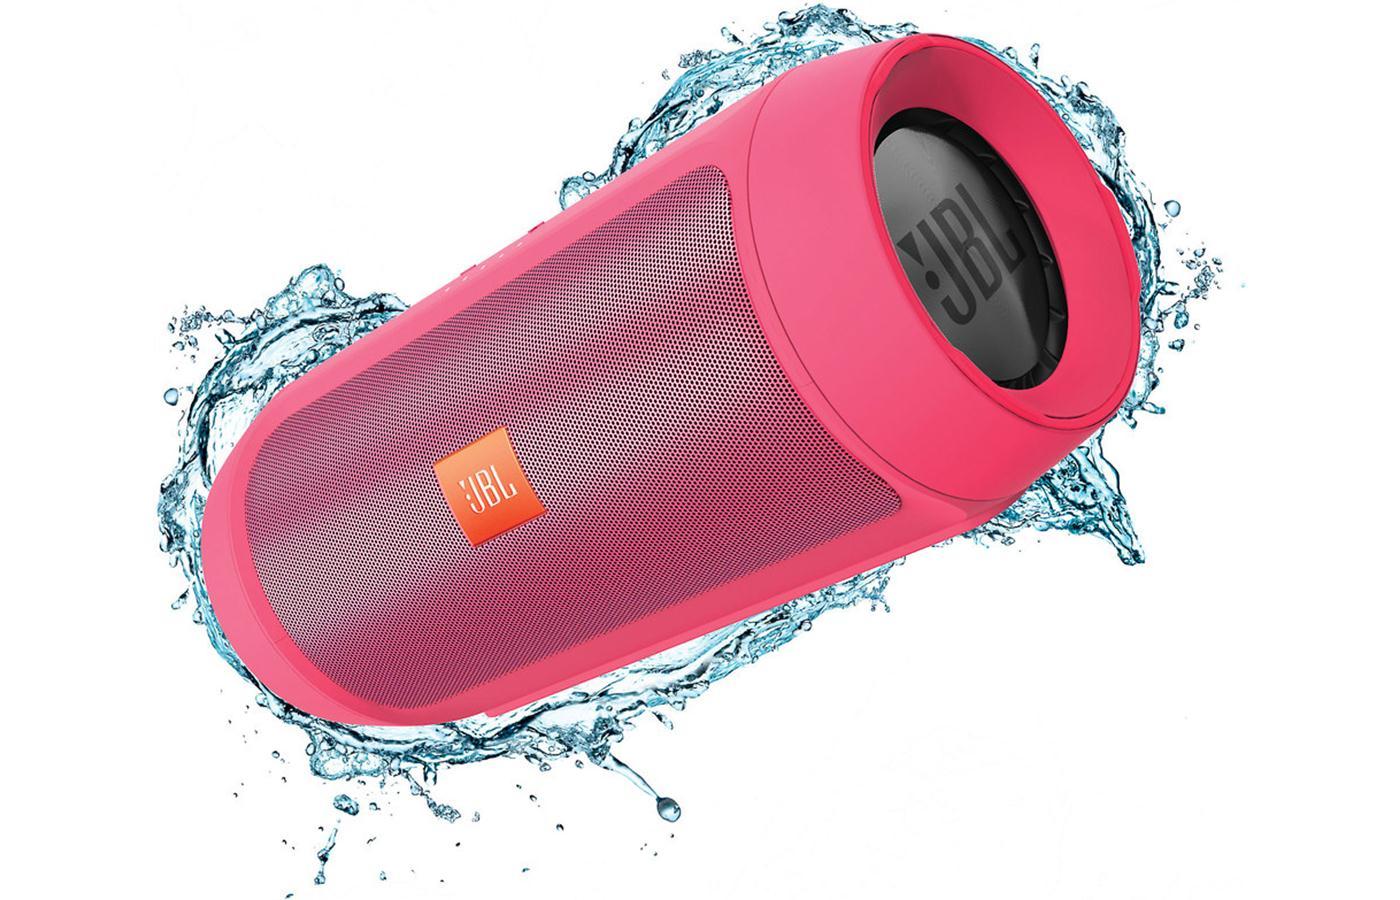 JBL Charge 2+ ลำโพงพกพากันน้ำได้ พลังเสียงเบสอิ่ม แน่น กระหึ่ม (Pink) แถมกระเป๋าฟรี 1 ใบ